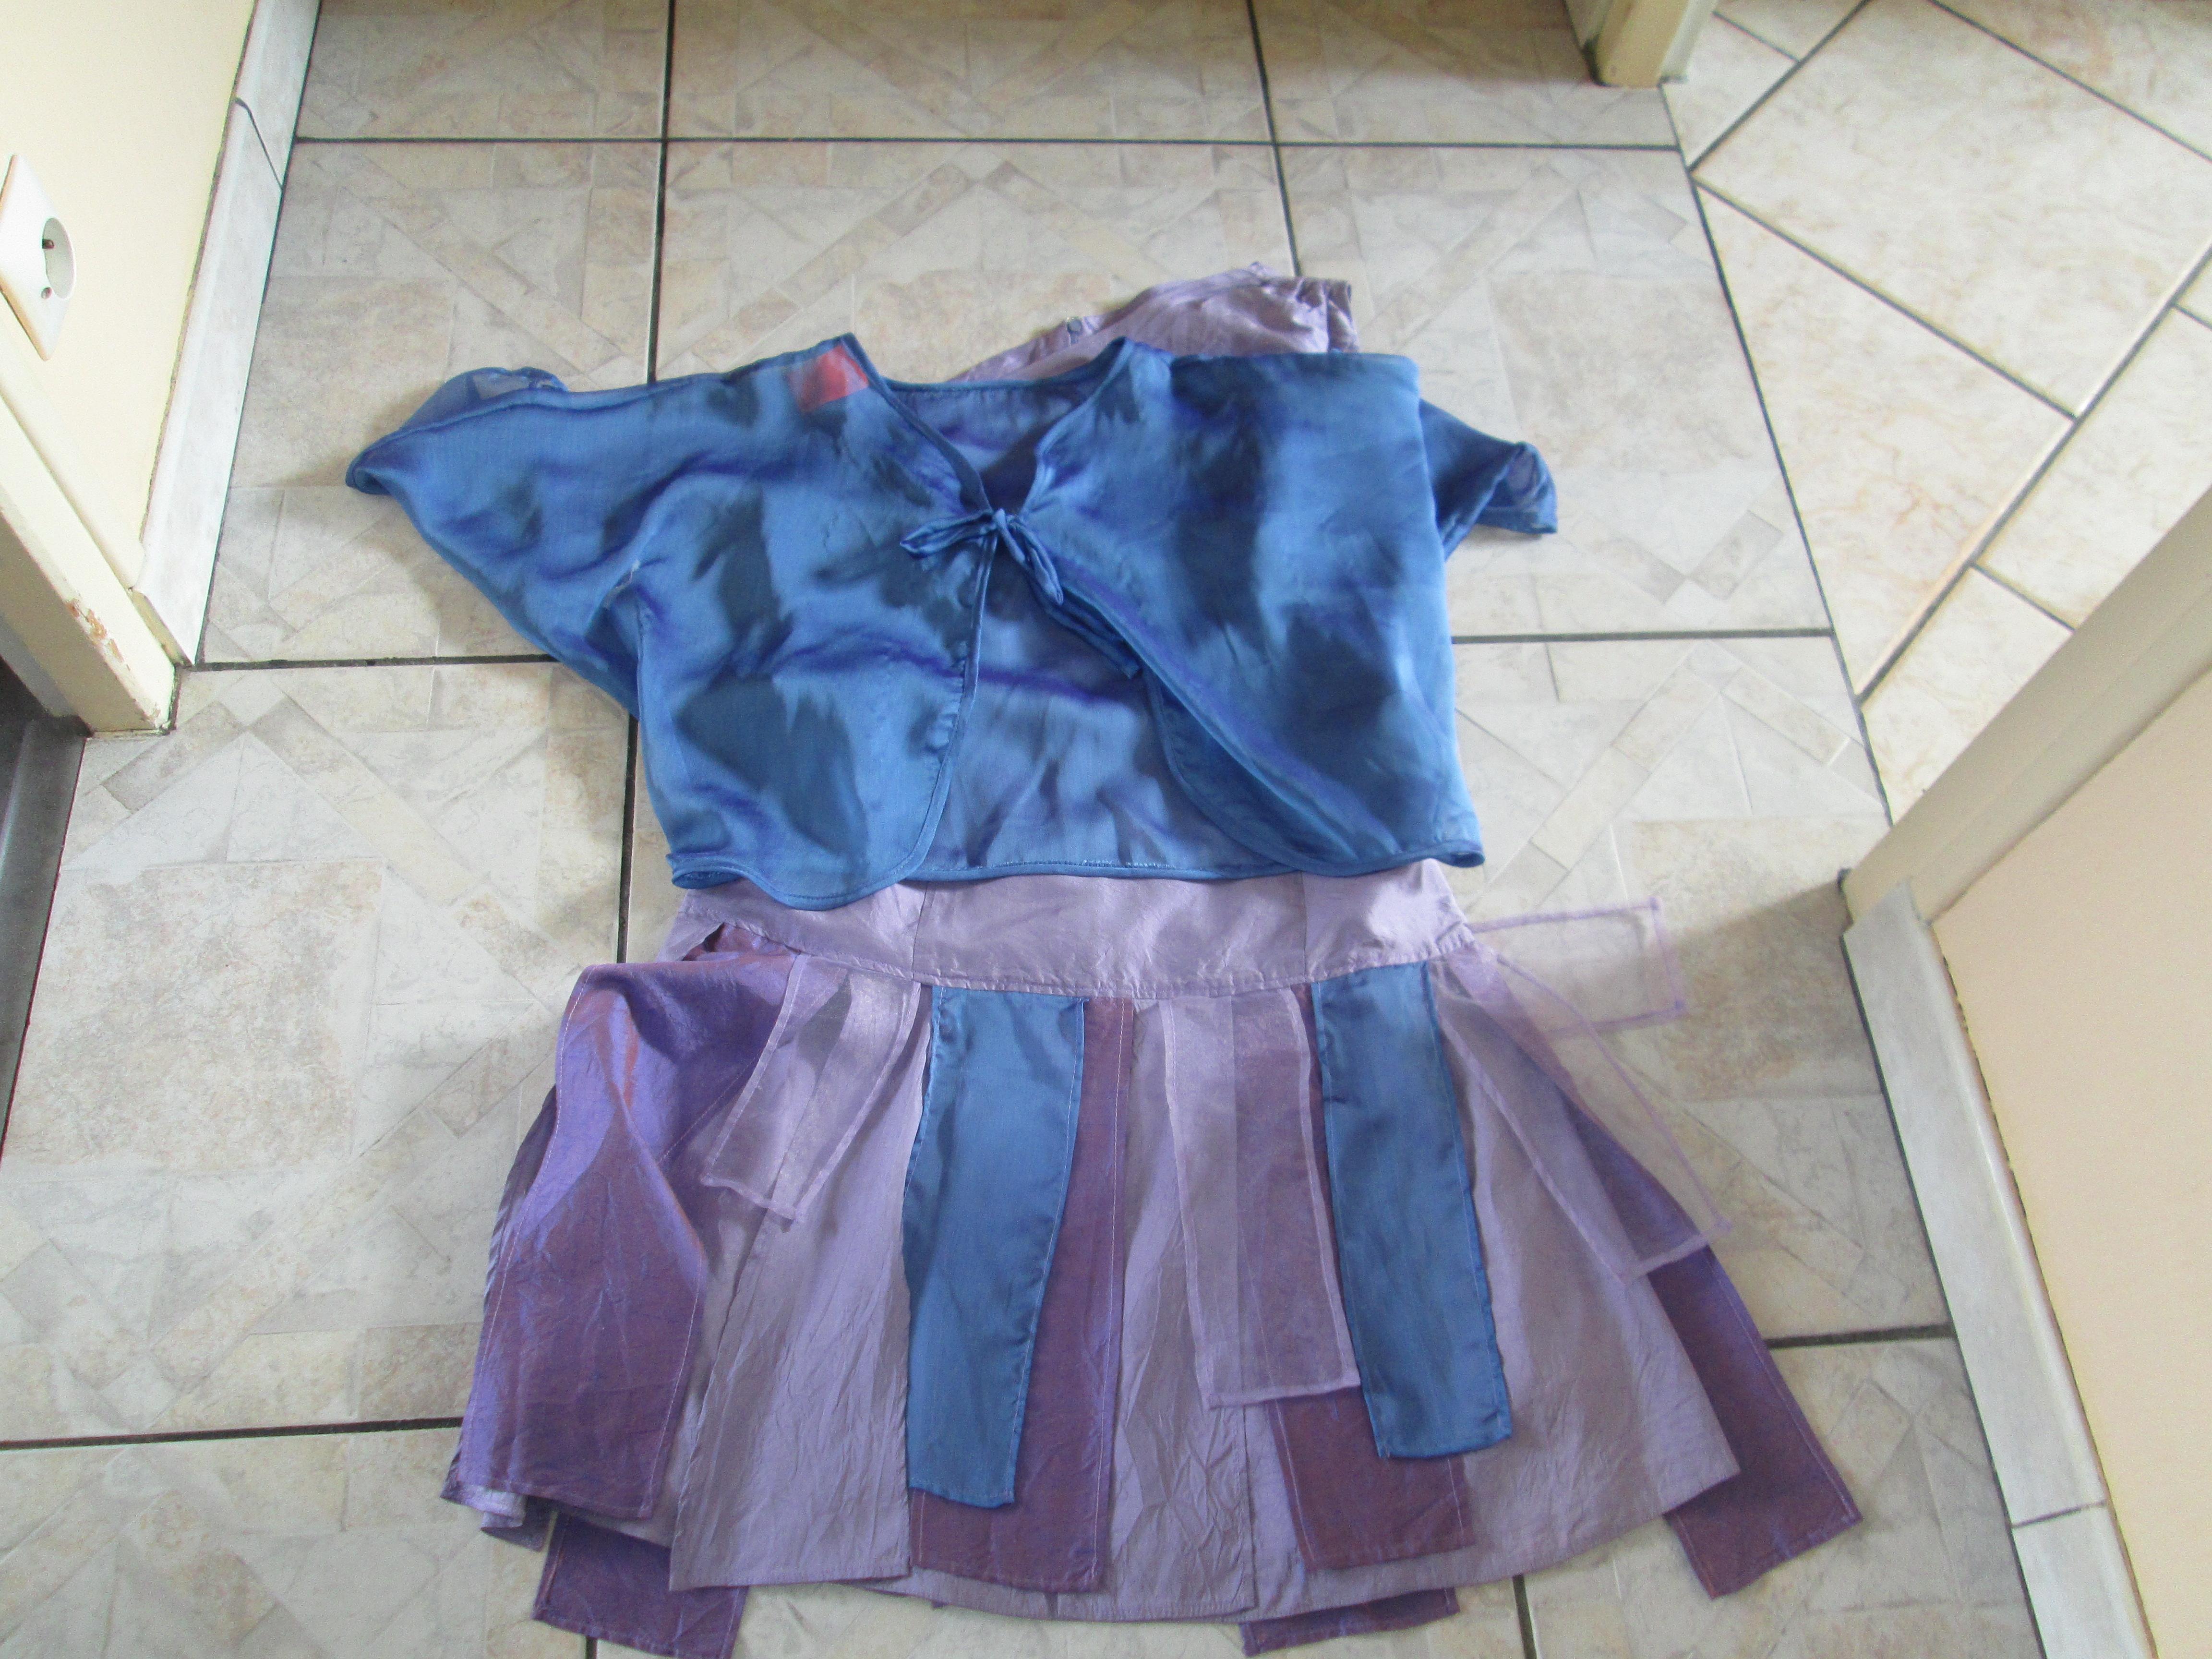 troc de troc robe en soie creation unique taille 40/42 avec son bolero image 1